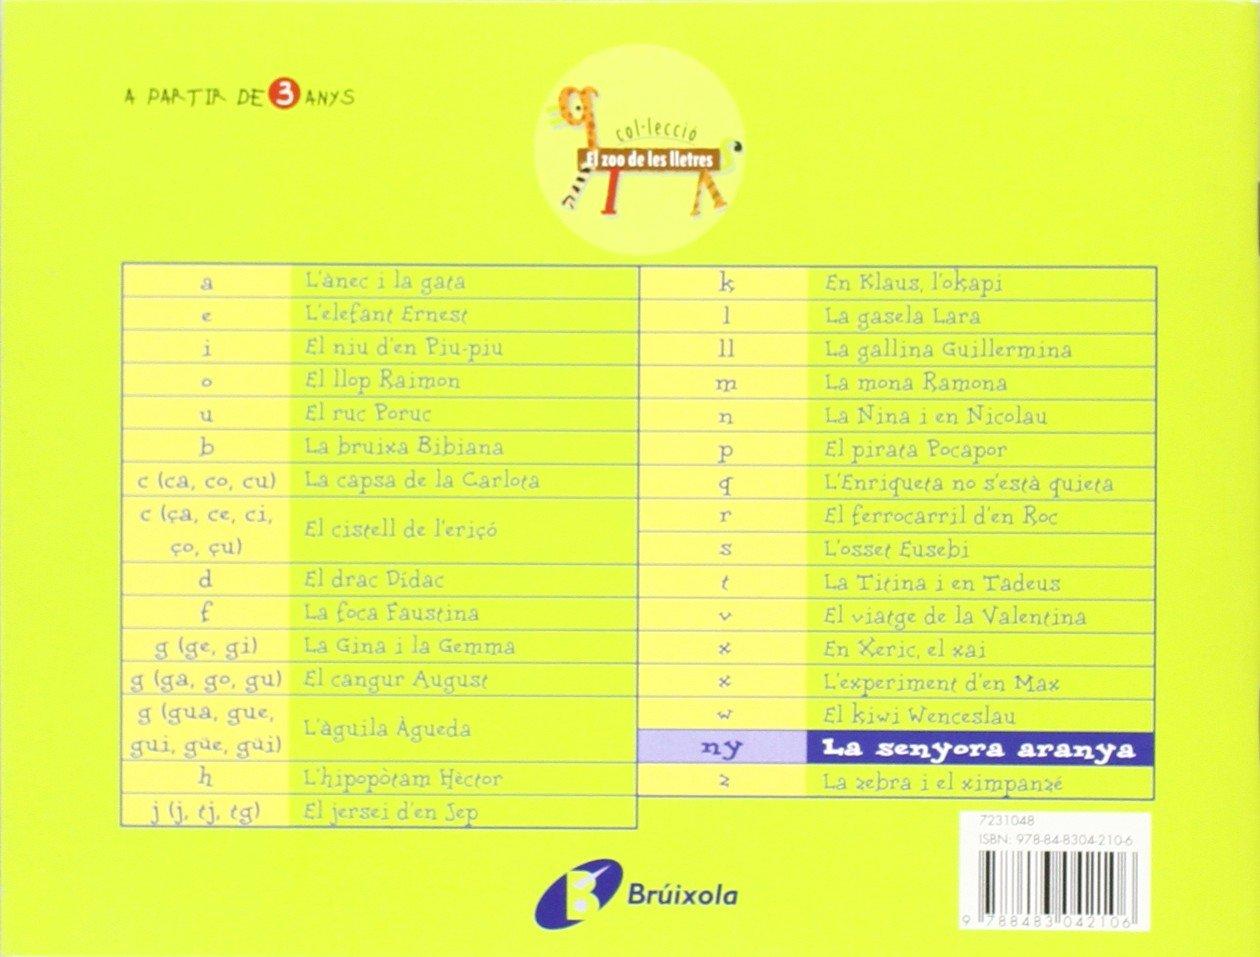 La senyora aranya ny : Juga amb la ny Catalá - A Partir De 3 Anys - Llibres Didàctics - Zoo De Les Lletres: Amazon.es: Beatriz Doumerc, Tría 3, ...